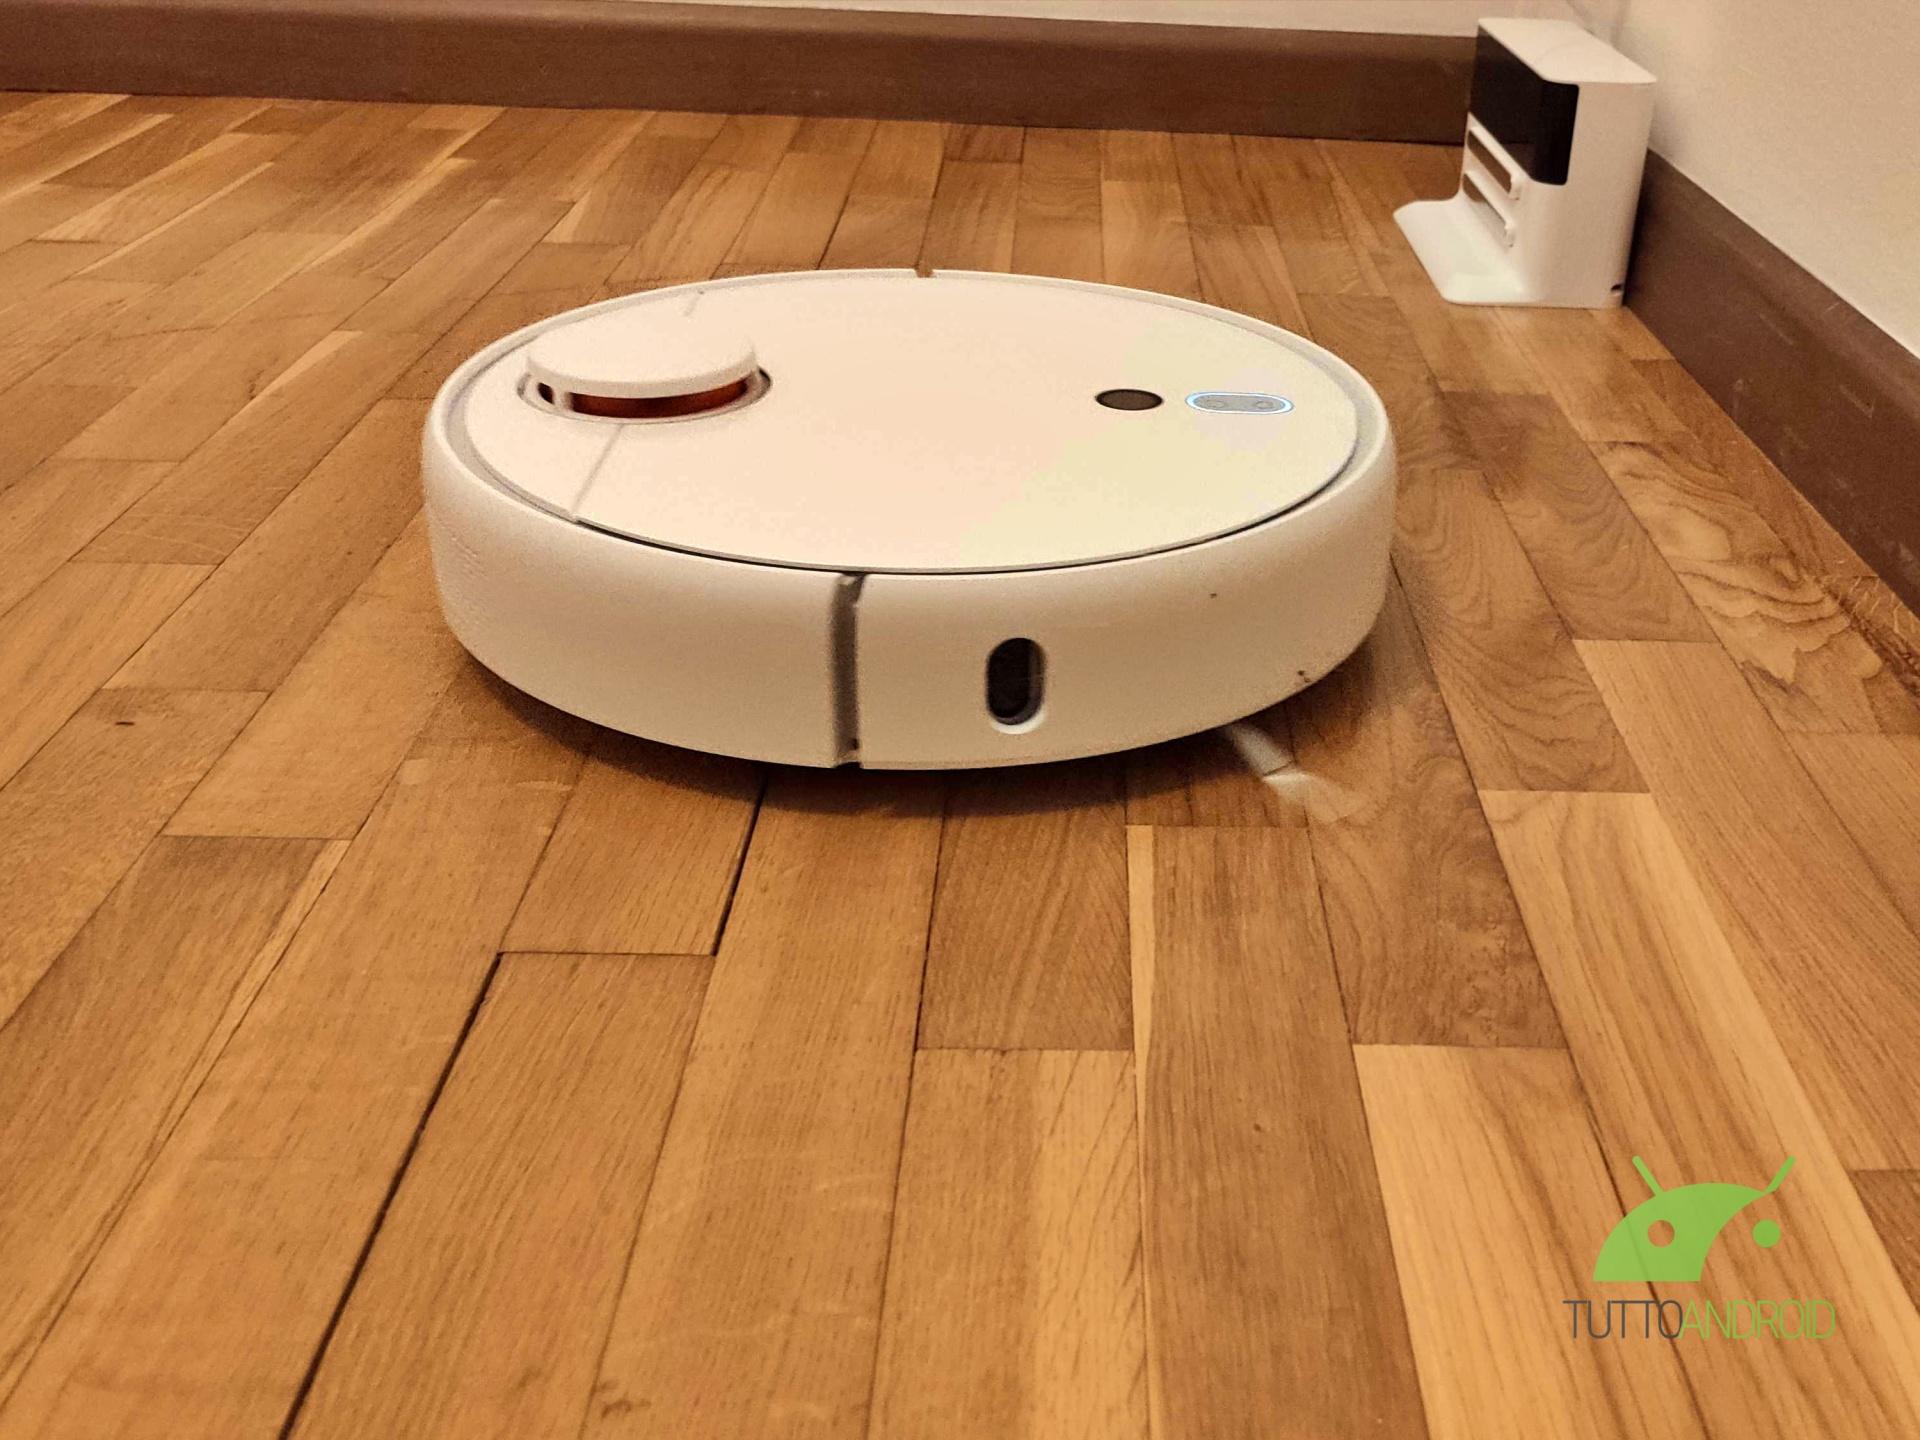 Giochi Pulire Le Stanze quale aspirapolvere robot xiaomi scegliere? xiaomi mi robot